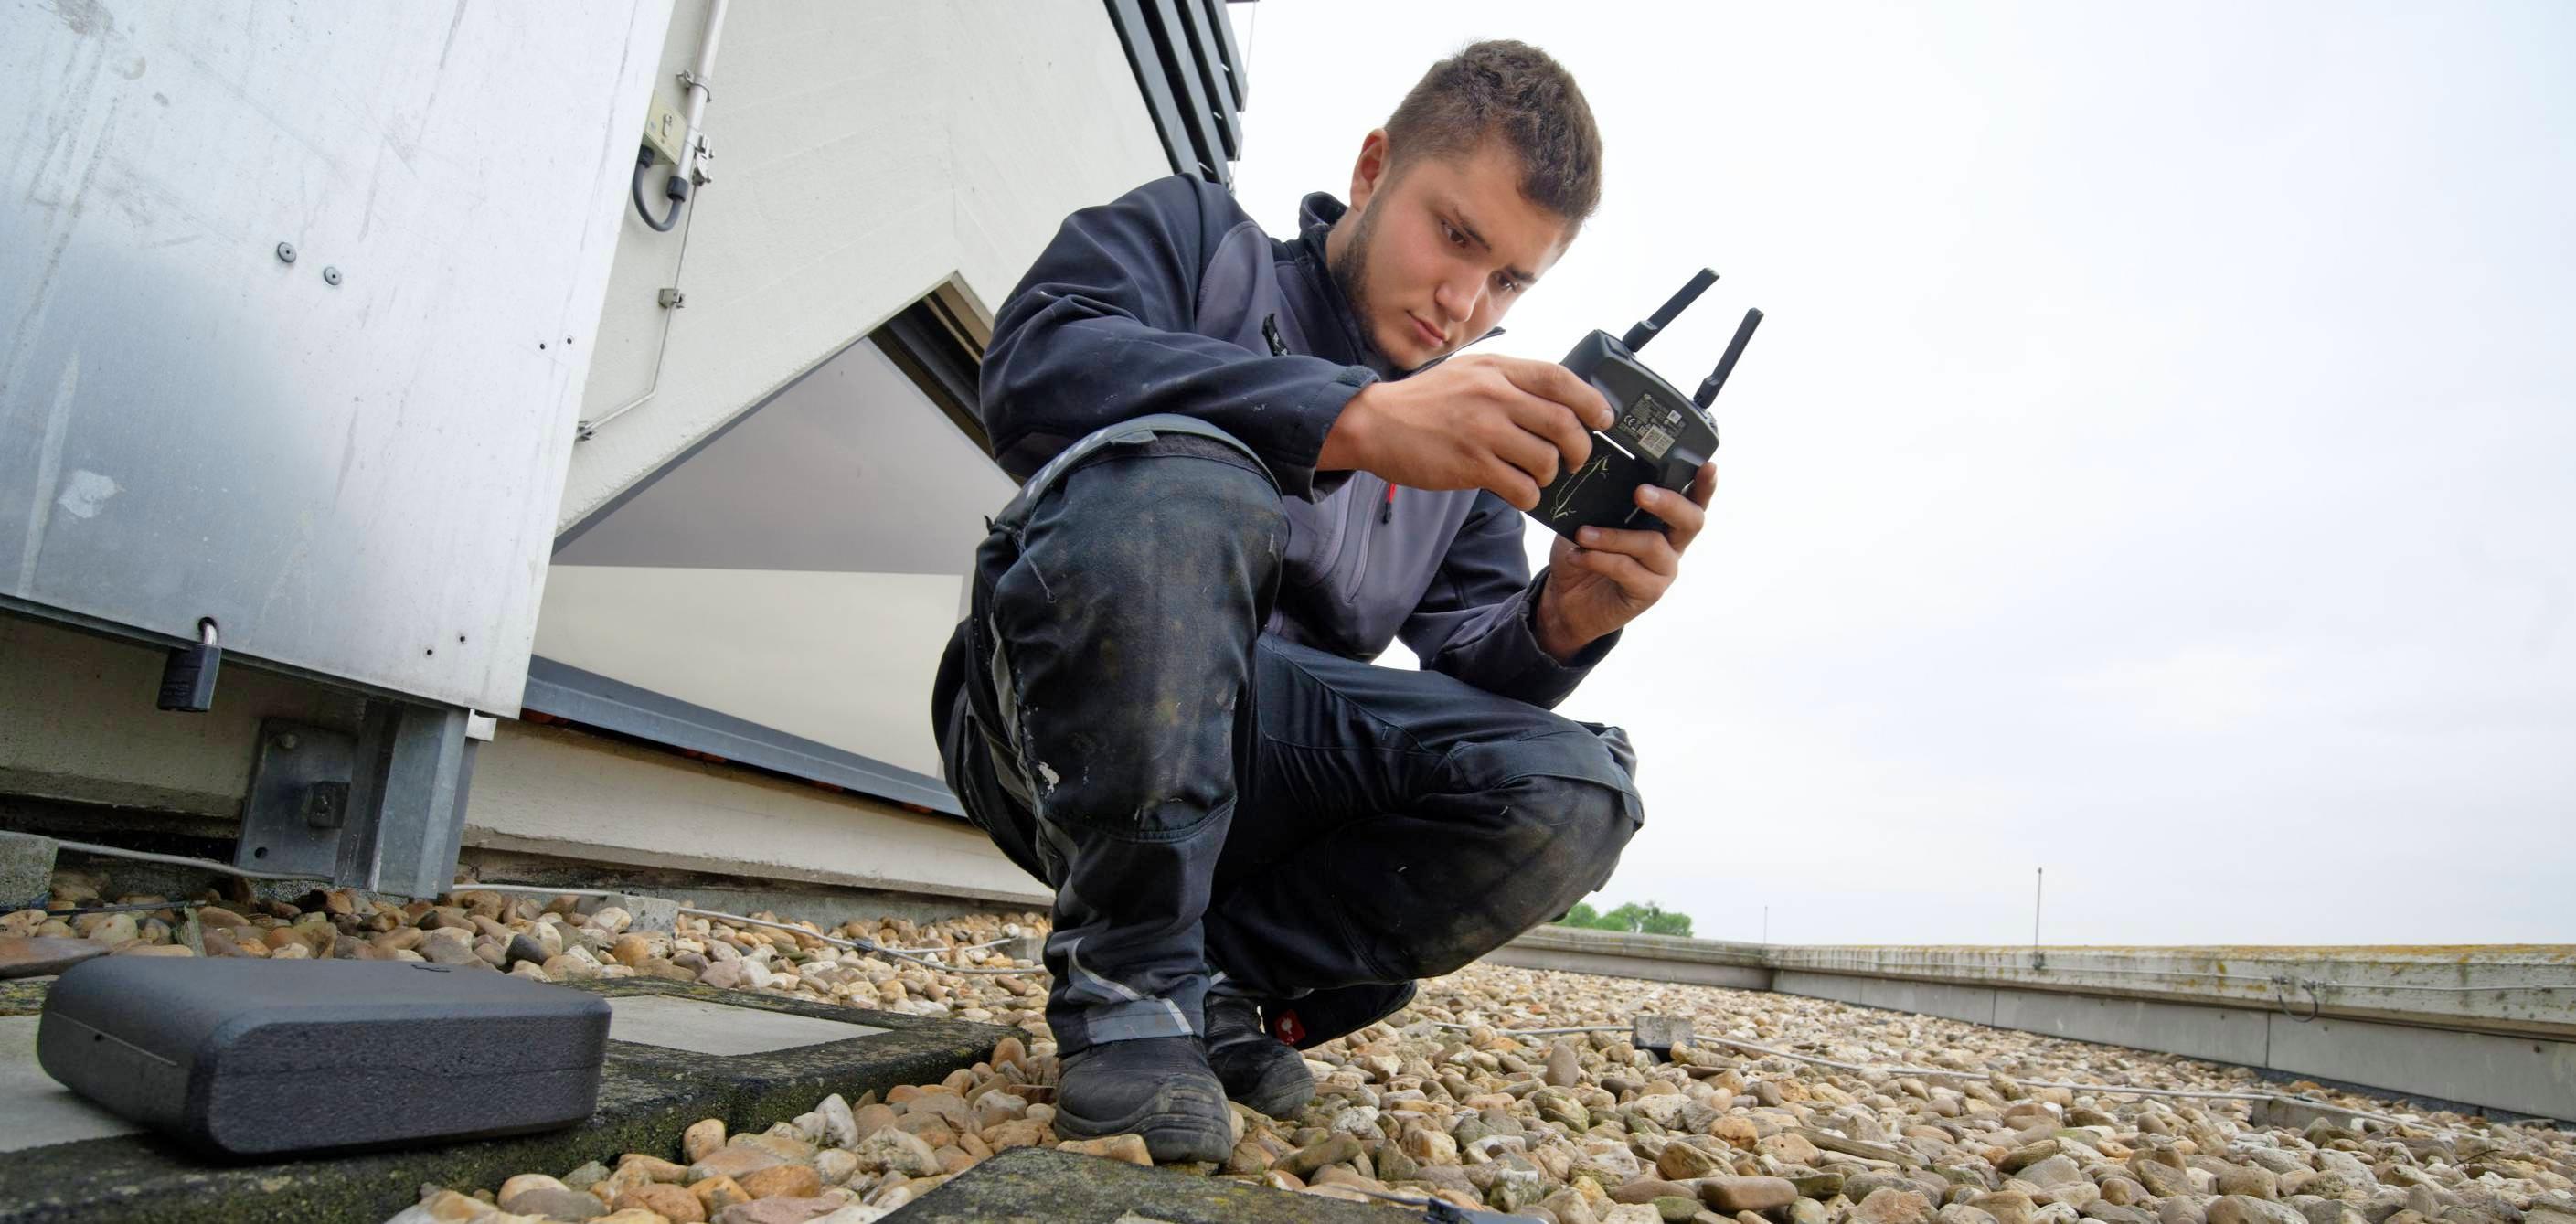 Mithilfe von Drohnen-Luftbildern kann der Auszubildende Eric Altmeyer etwa Flächen vorberechnen. Foto: Henning Kaiser/dpa-tmn